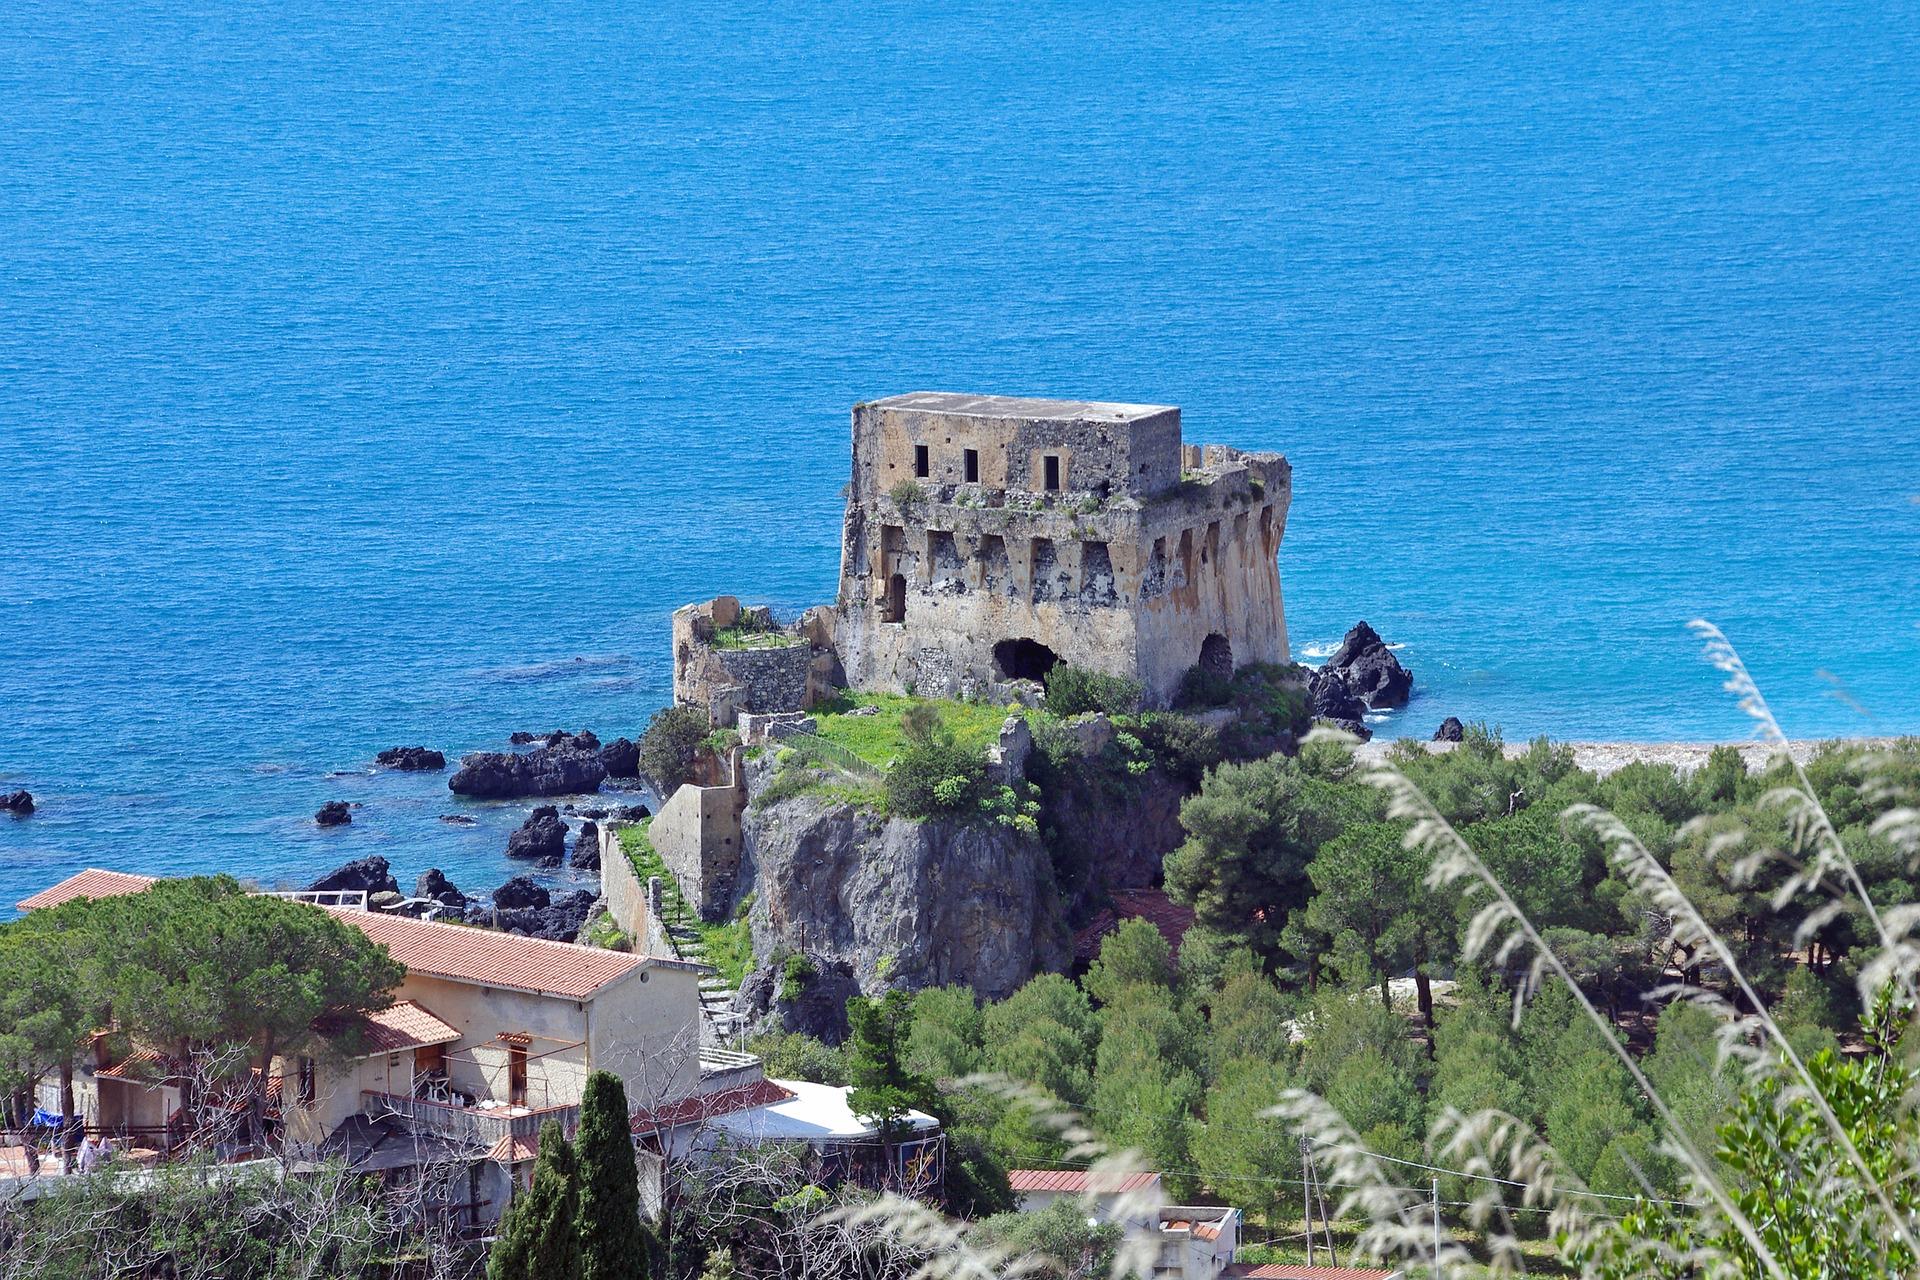 villaggi turistici direttamente sul mare